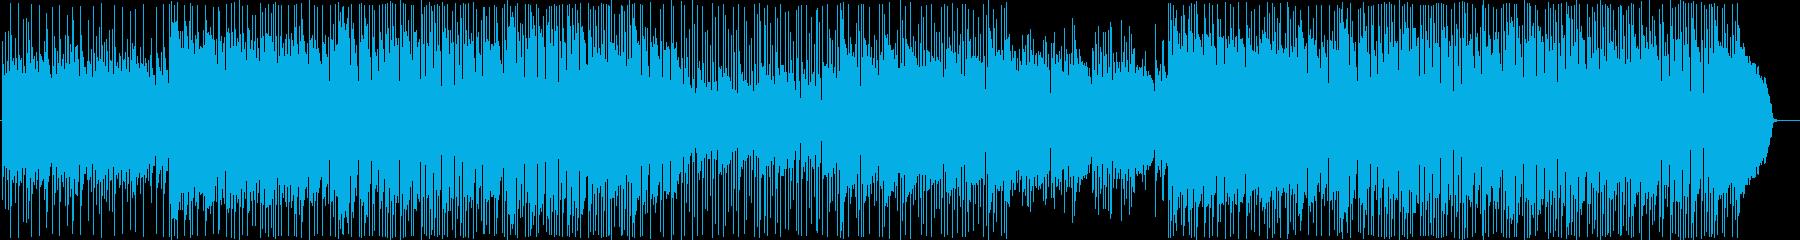 アコギのアンサンブル、さわやか系の一曲の再生済みの波形